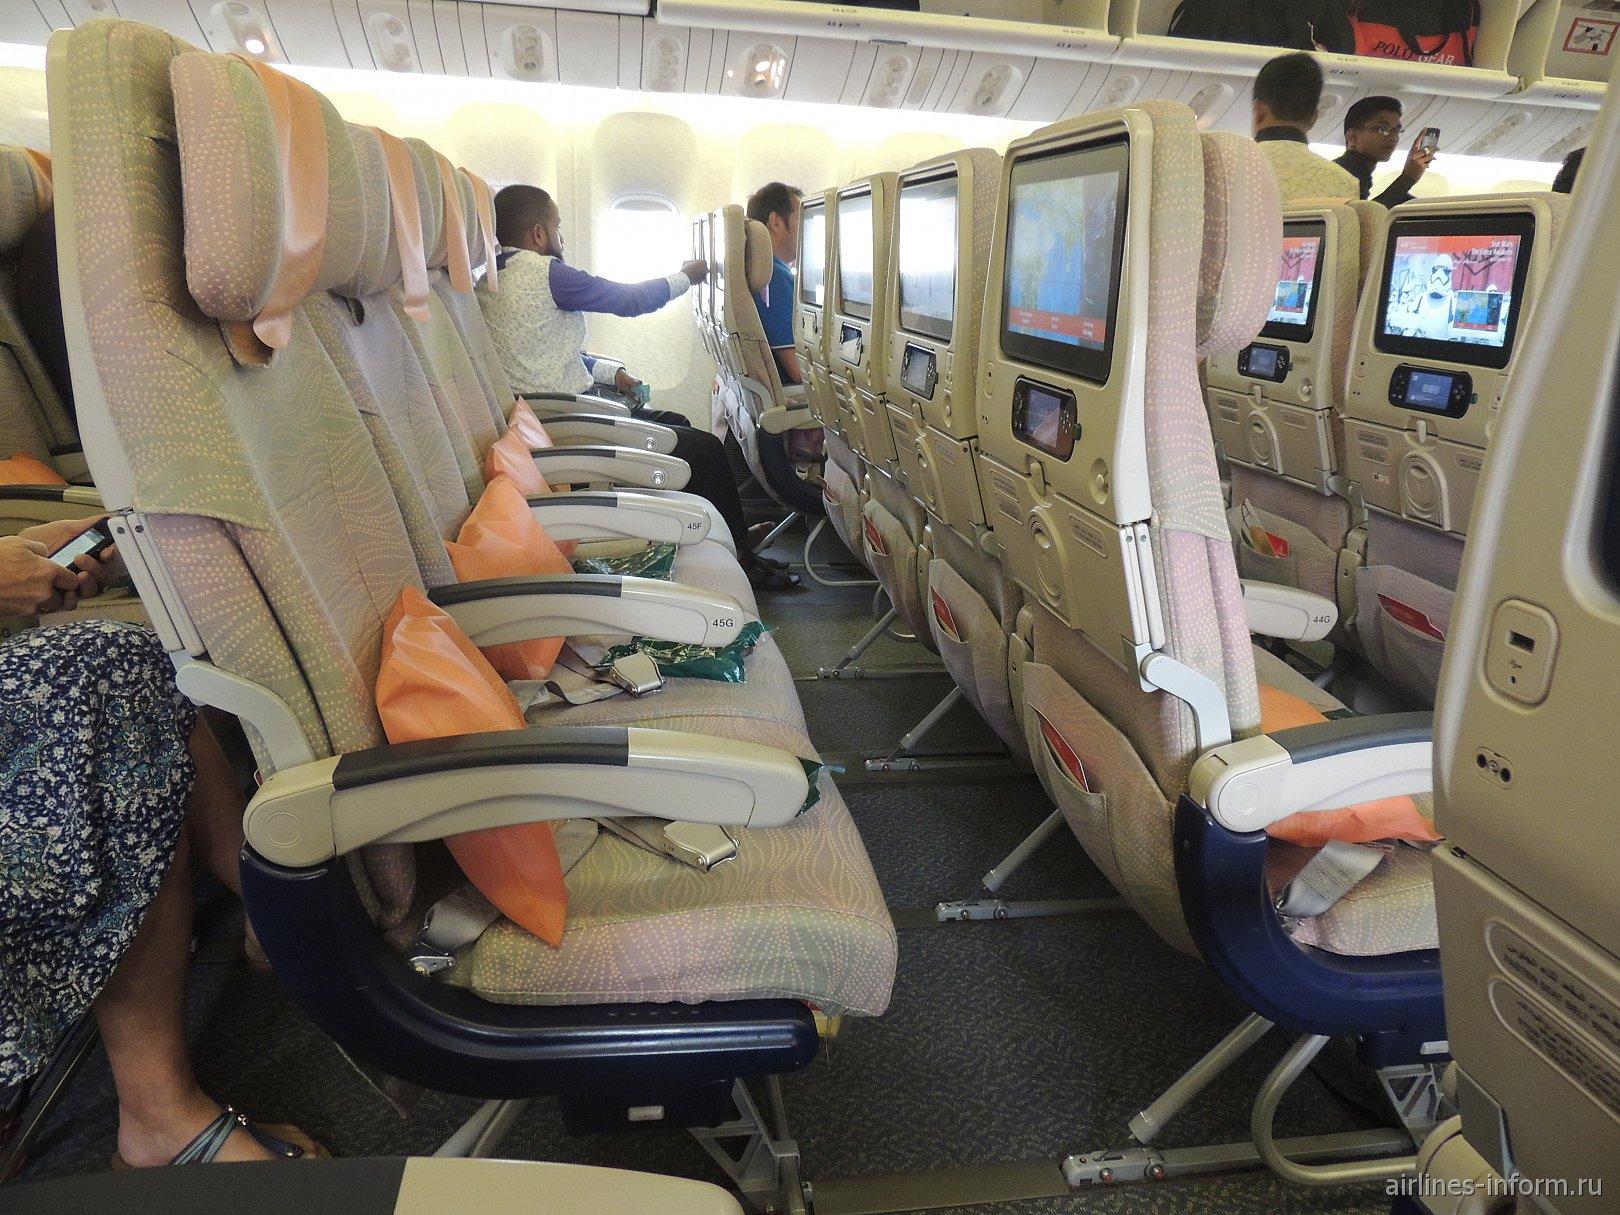 ������������ ����� � �������� �����-777-300 Emirates